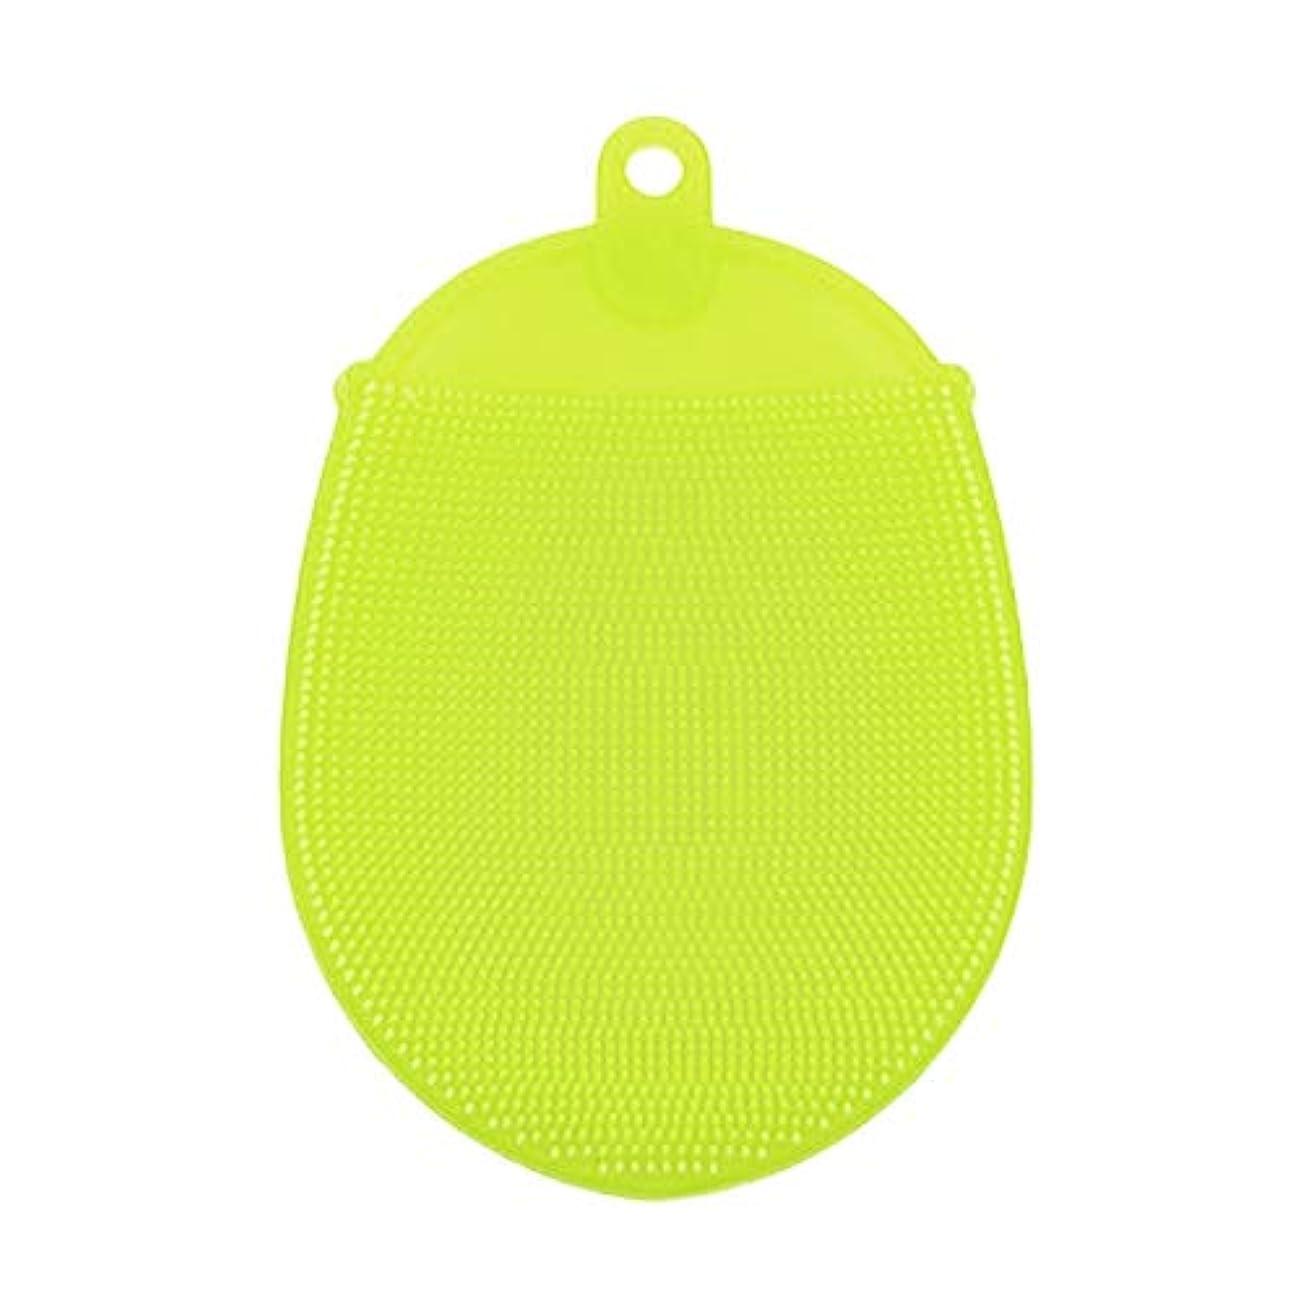 コジオスコ見捨てられたウサギバスウォッシュブラシマッサージシャワーソフトシリコンフェイシャルクレンジングパッドヘアフェイスエクスフォリエータークリーニングスクラバー (色 : 緑)